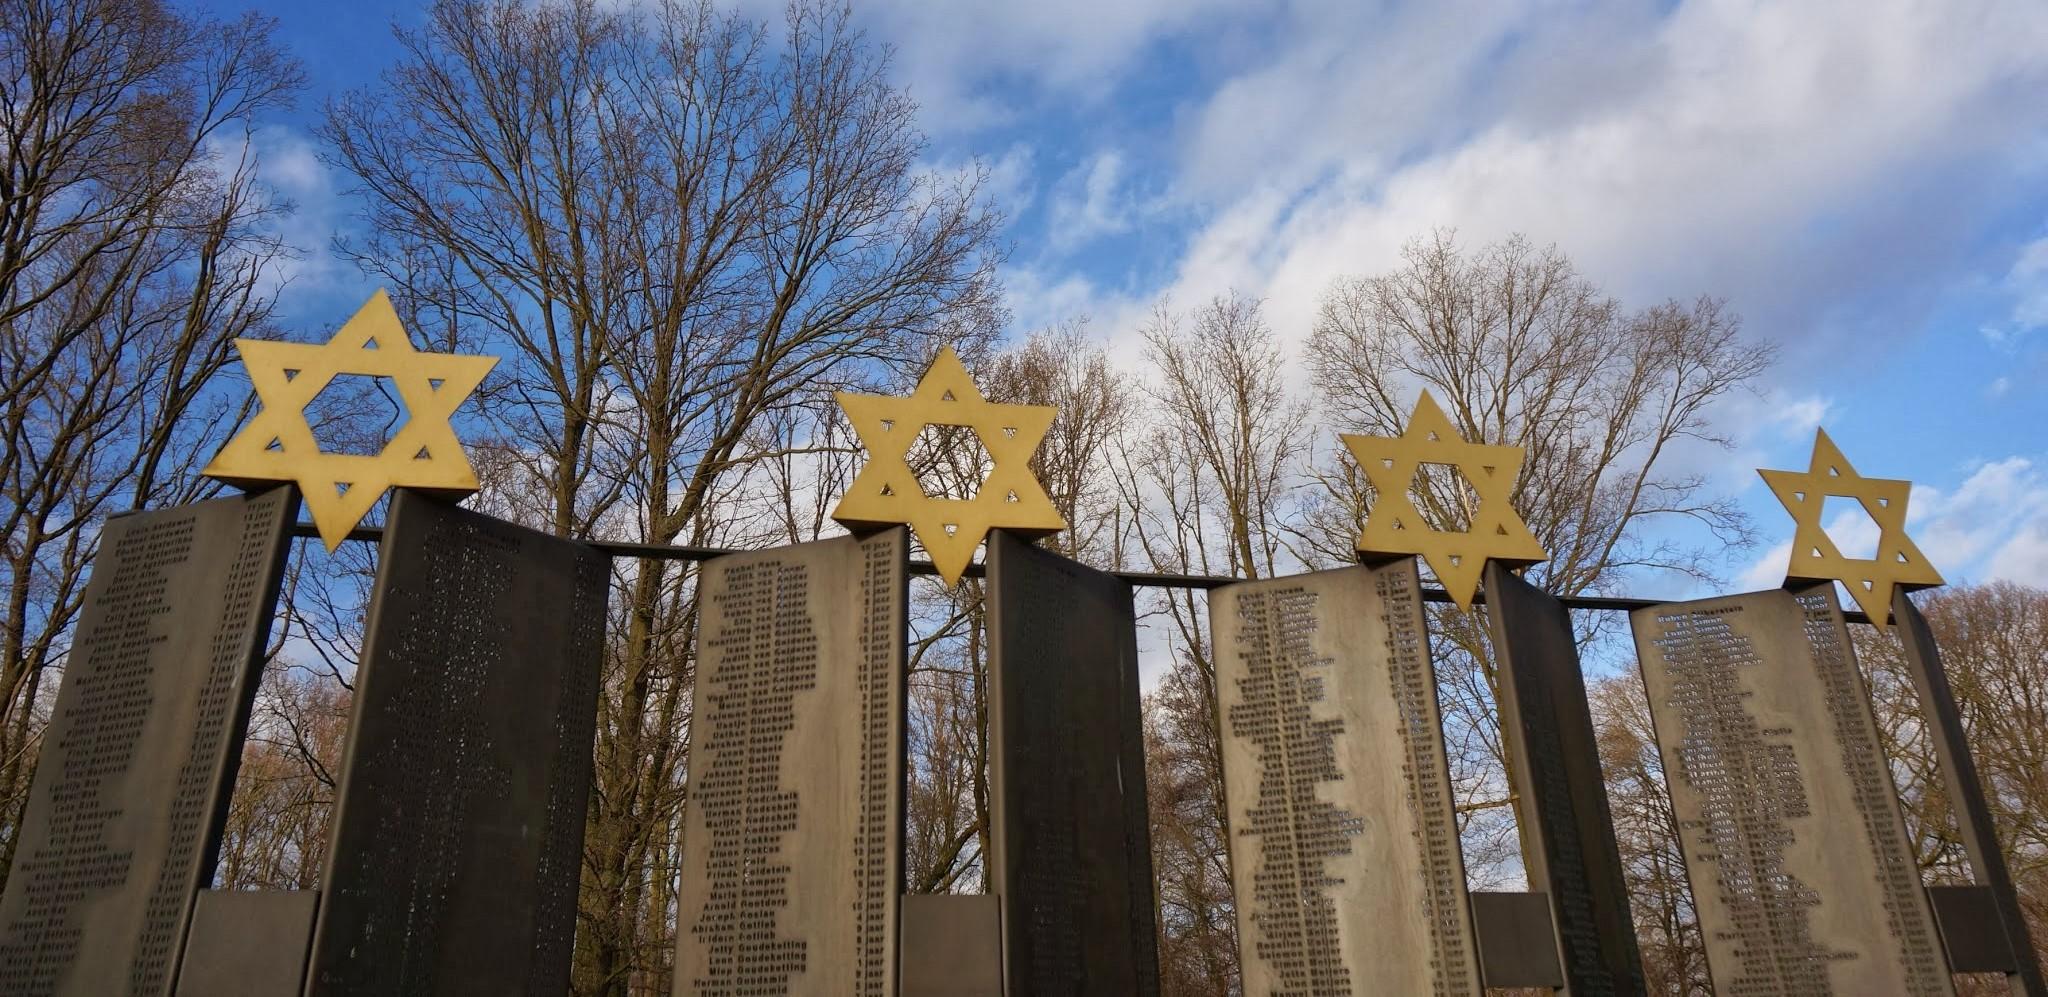 'Bestrijd de besmettelijke ziekte van antisemitisme'